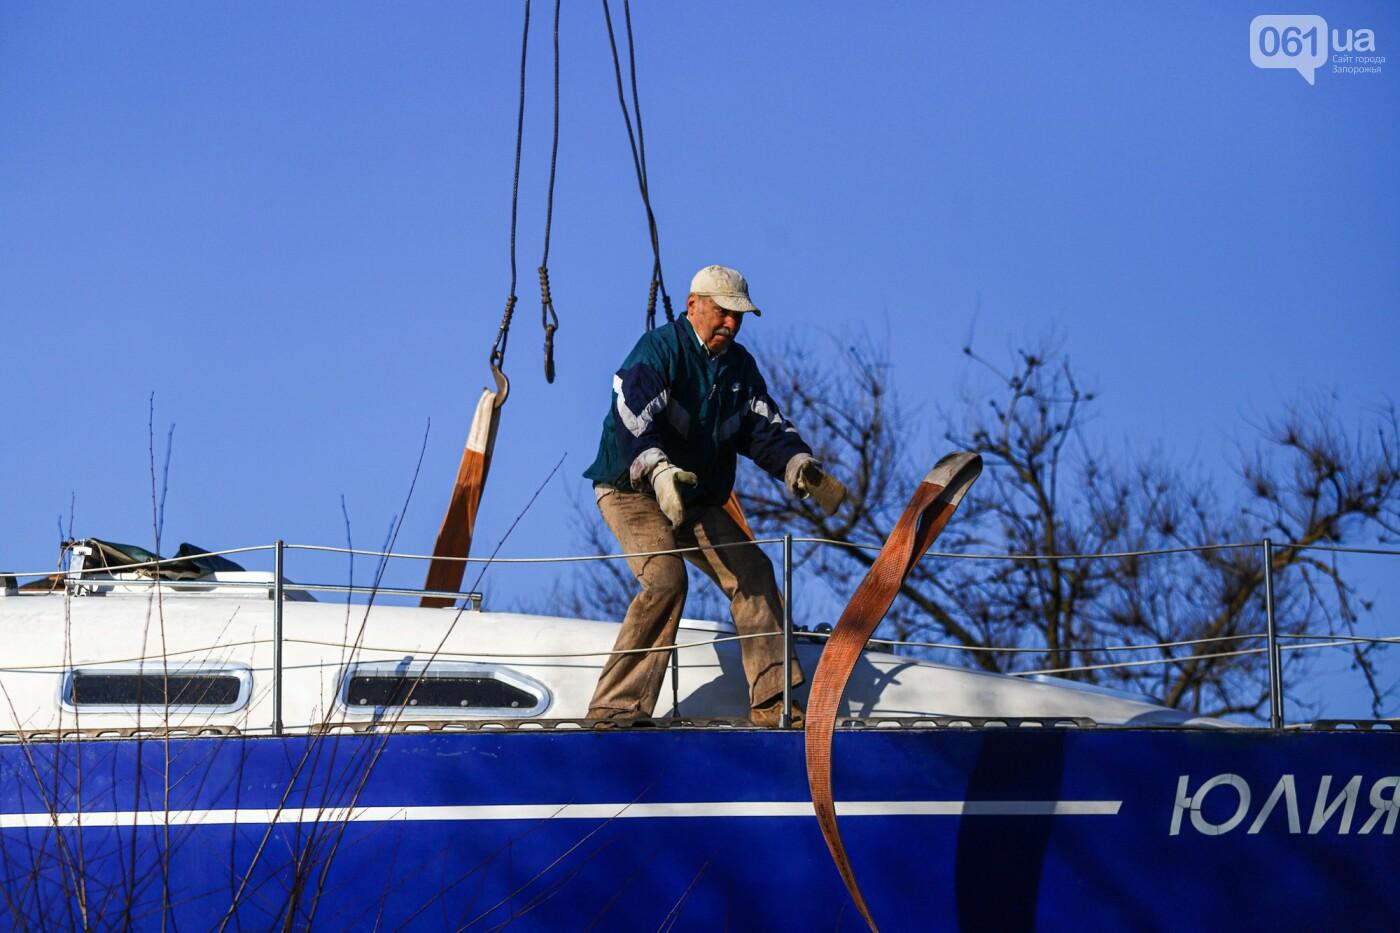 «Семь футов под килем!»: как в запорожском яхт-клубе спускали судна на воду, - ФОТОРЕПОРТАЖ , фото-8